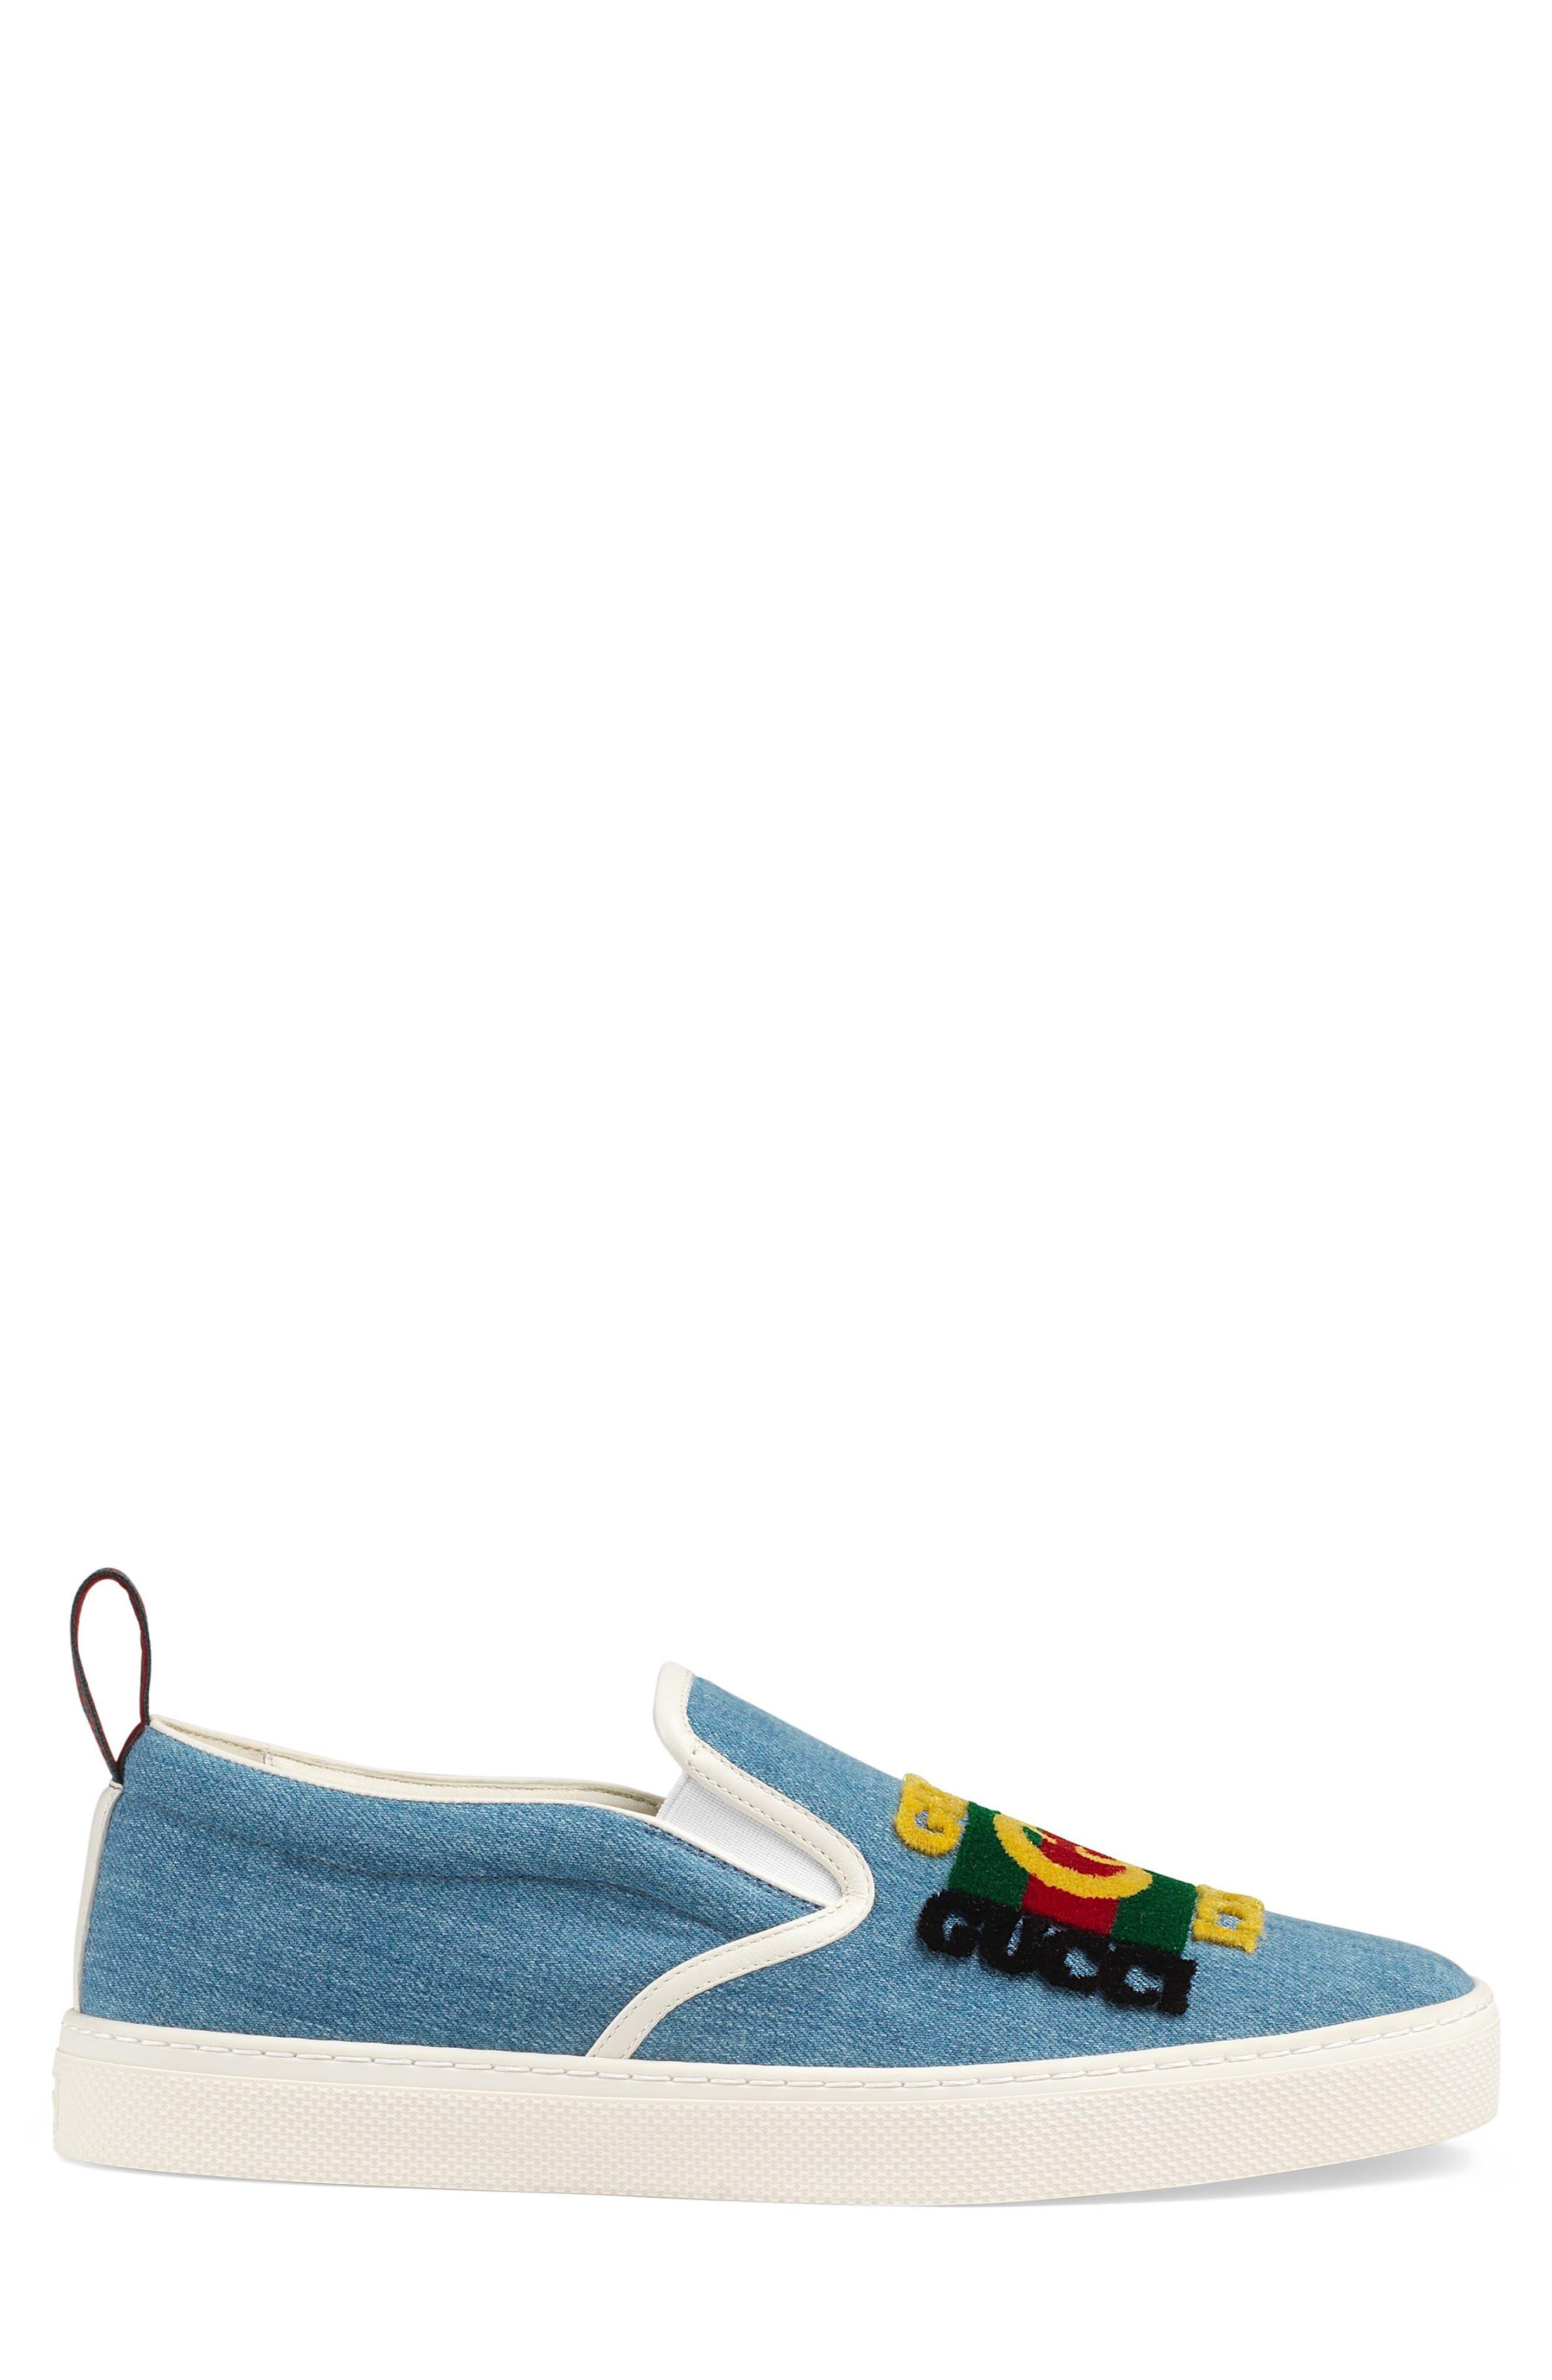 GUCCI, Dublin Slip-On Sneaker, Alternate thumbnail 2, color, BLUE/ BLACK